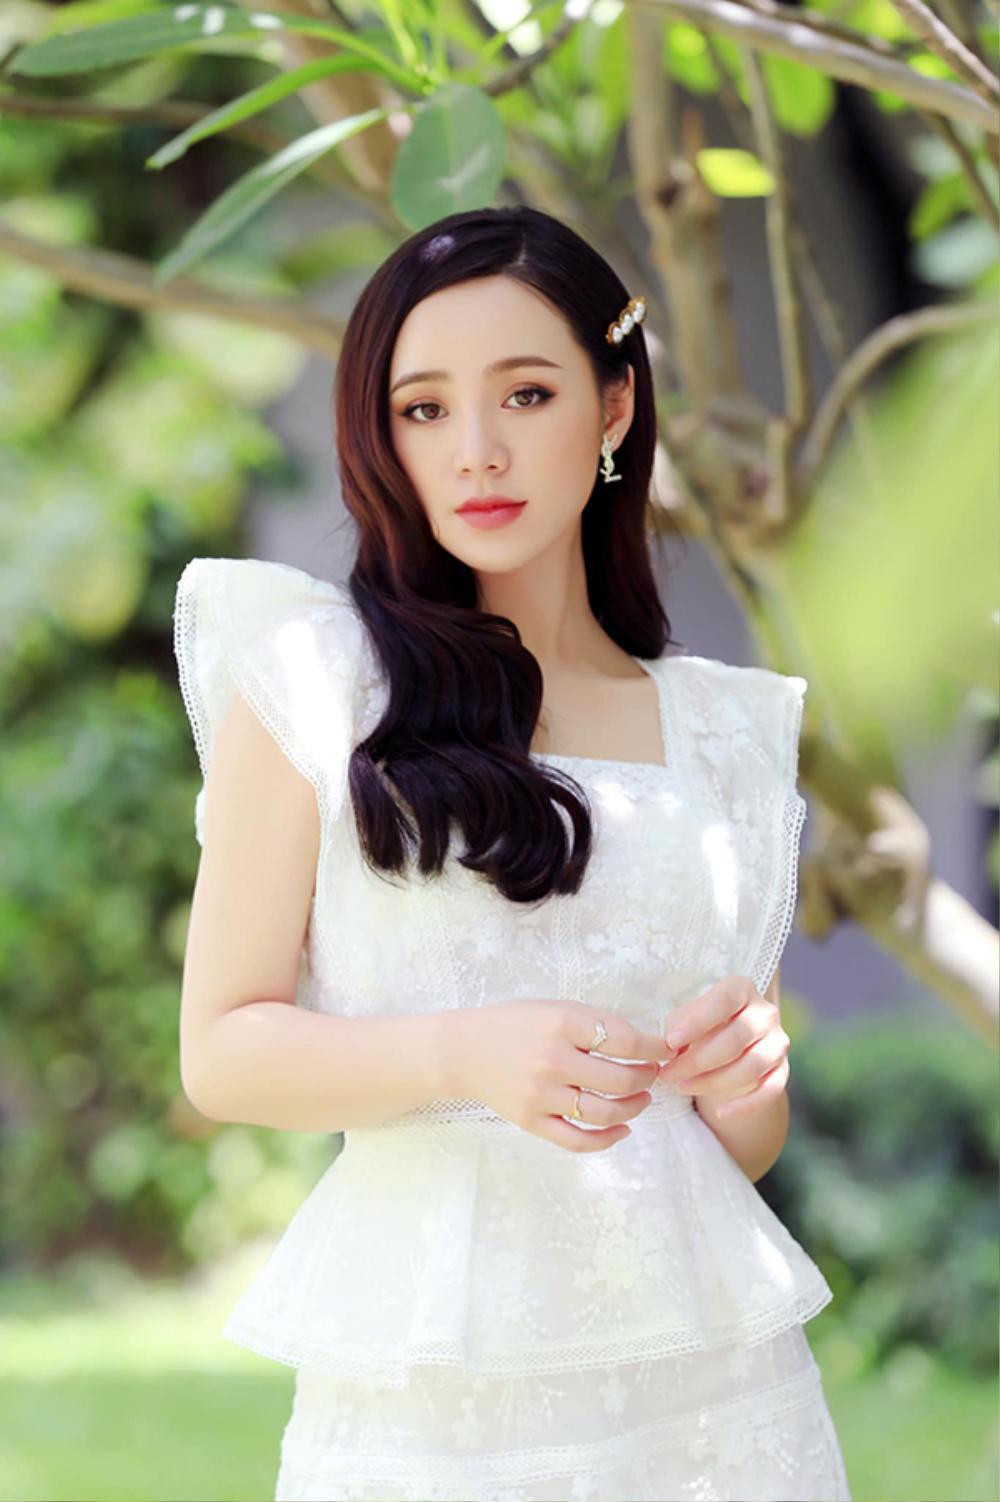 So kè top 5 'Nữ diễn viên ấn tượng' tại 'VTV Awards 2020': Phương Oanh, Quỳnh Cool hay Diễm My 9x sẽ giành lợi thế? Ảnh 24